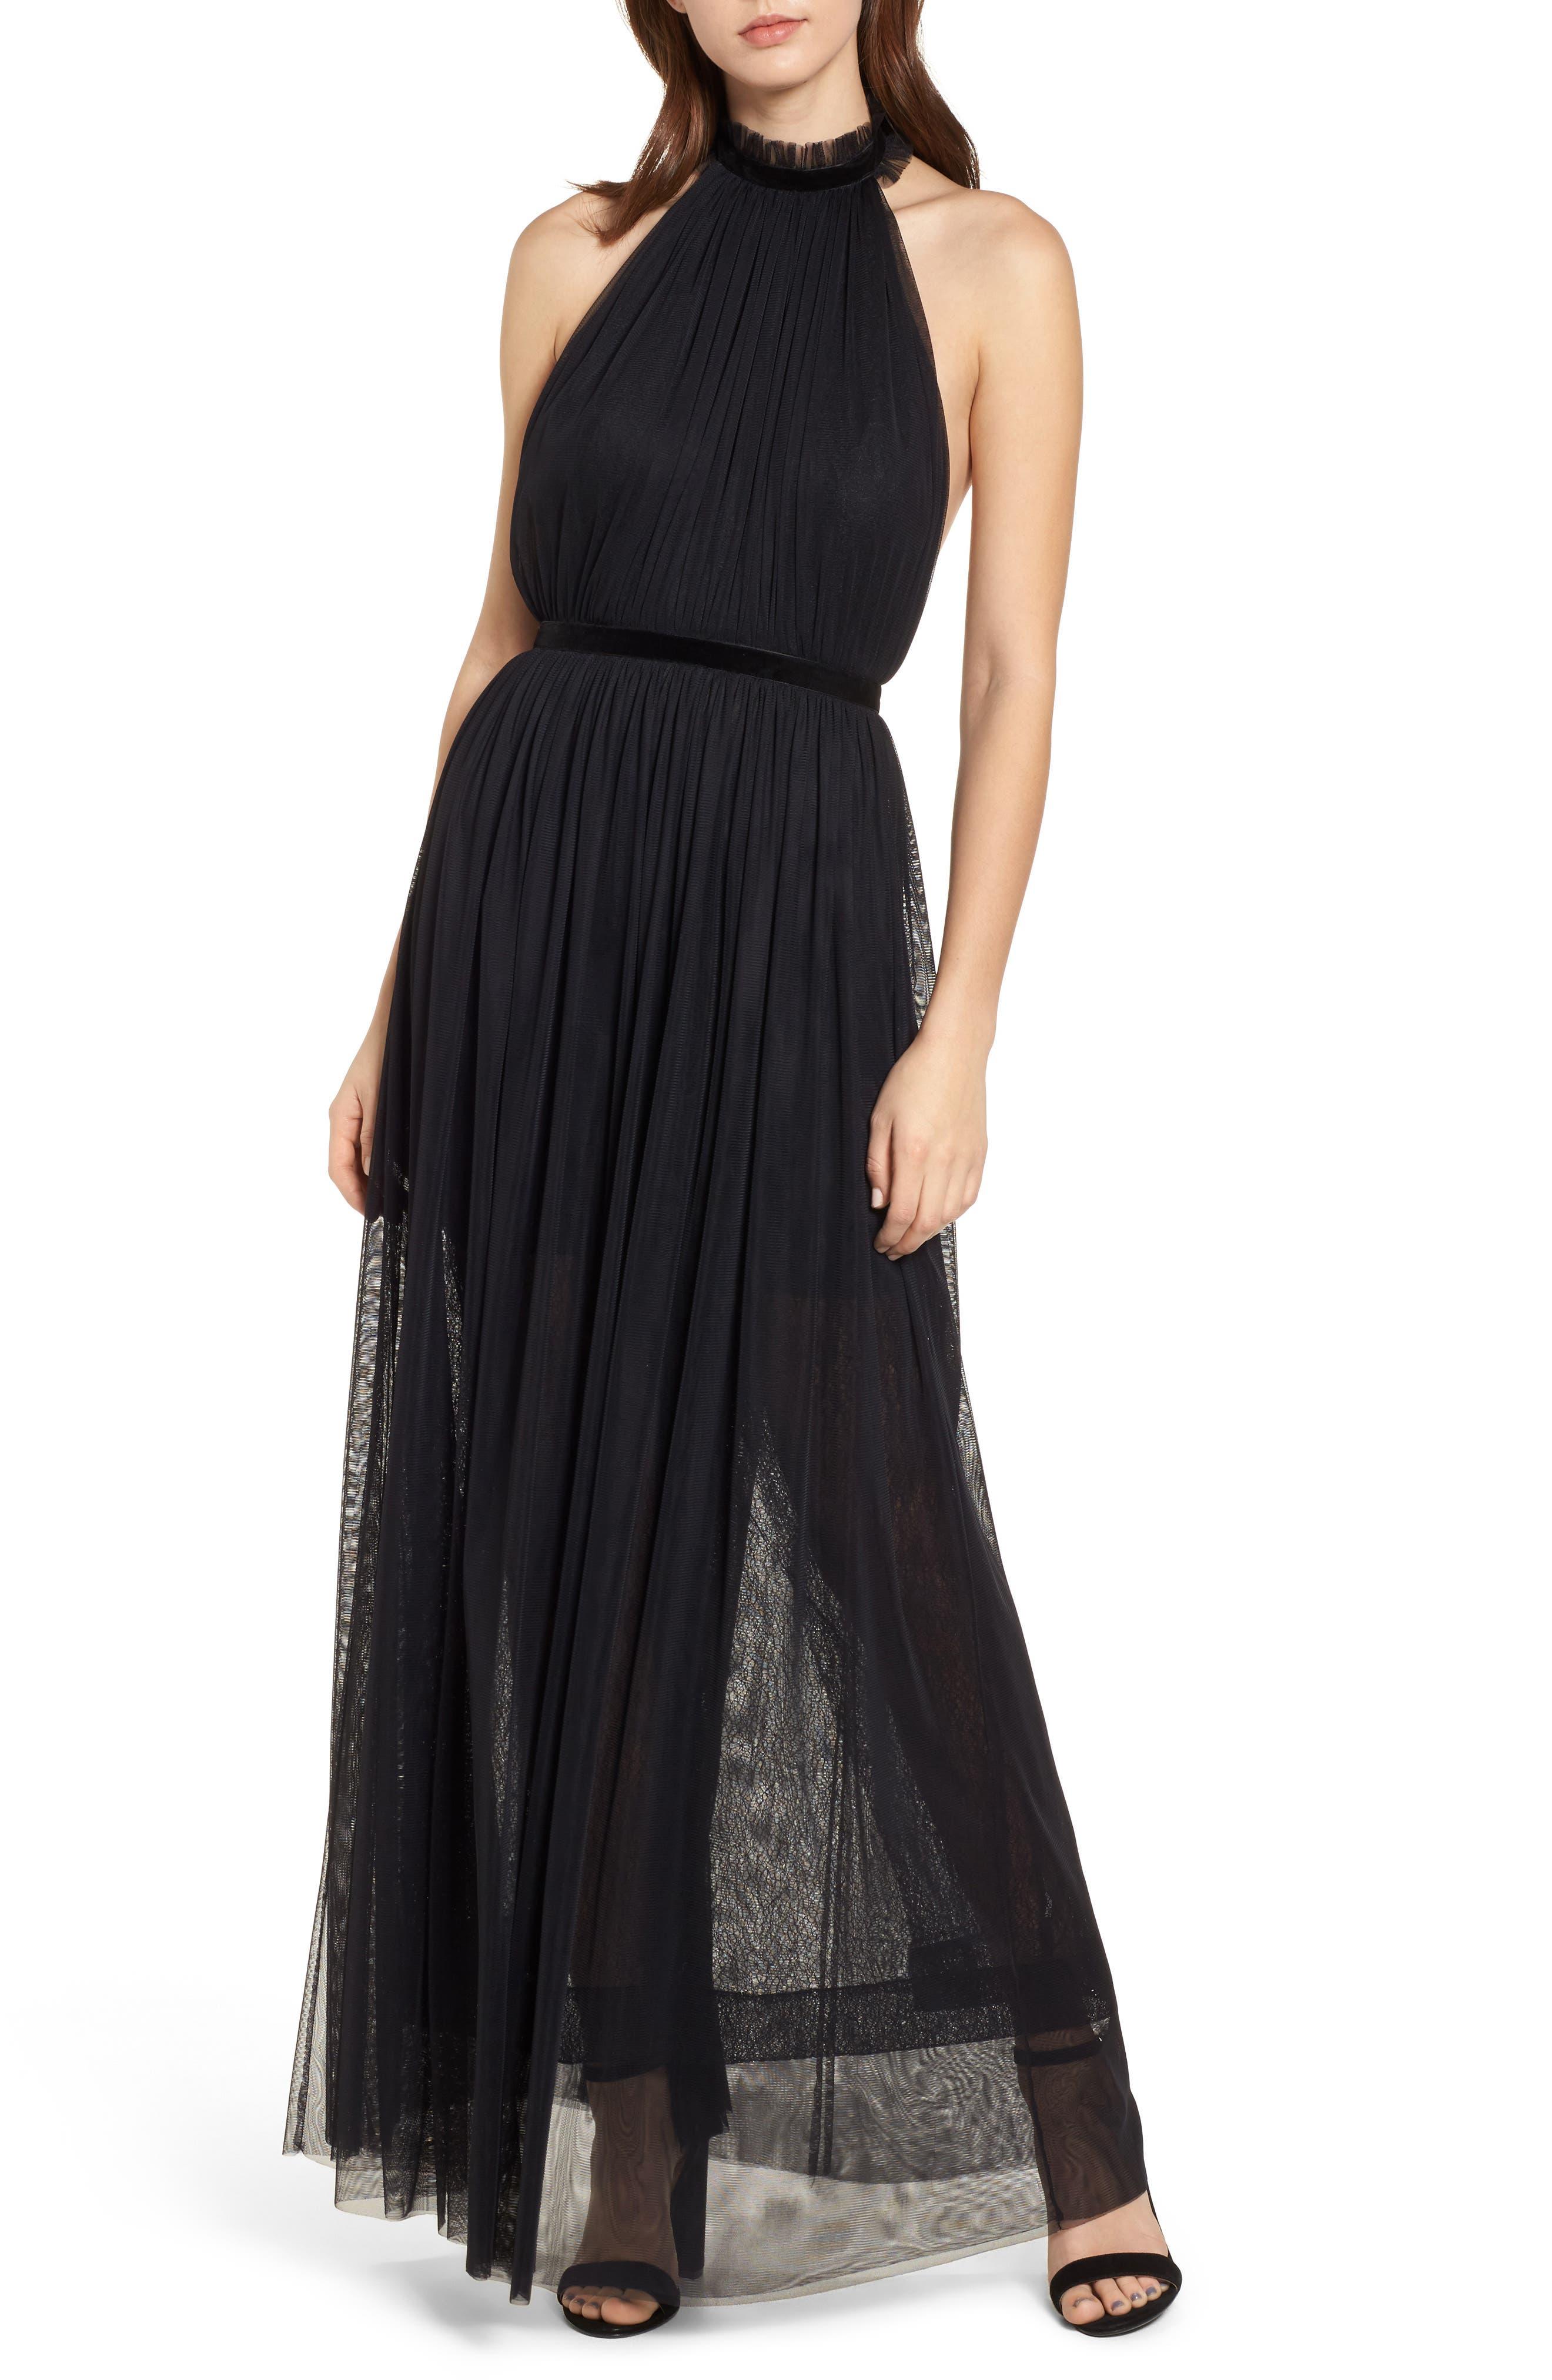 Taylor Halter Maxi Dress,                             Main thumbnail 1, color,                             001